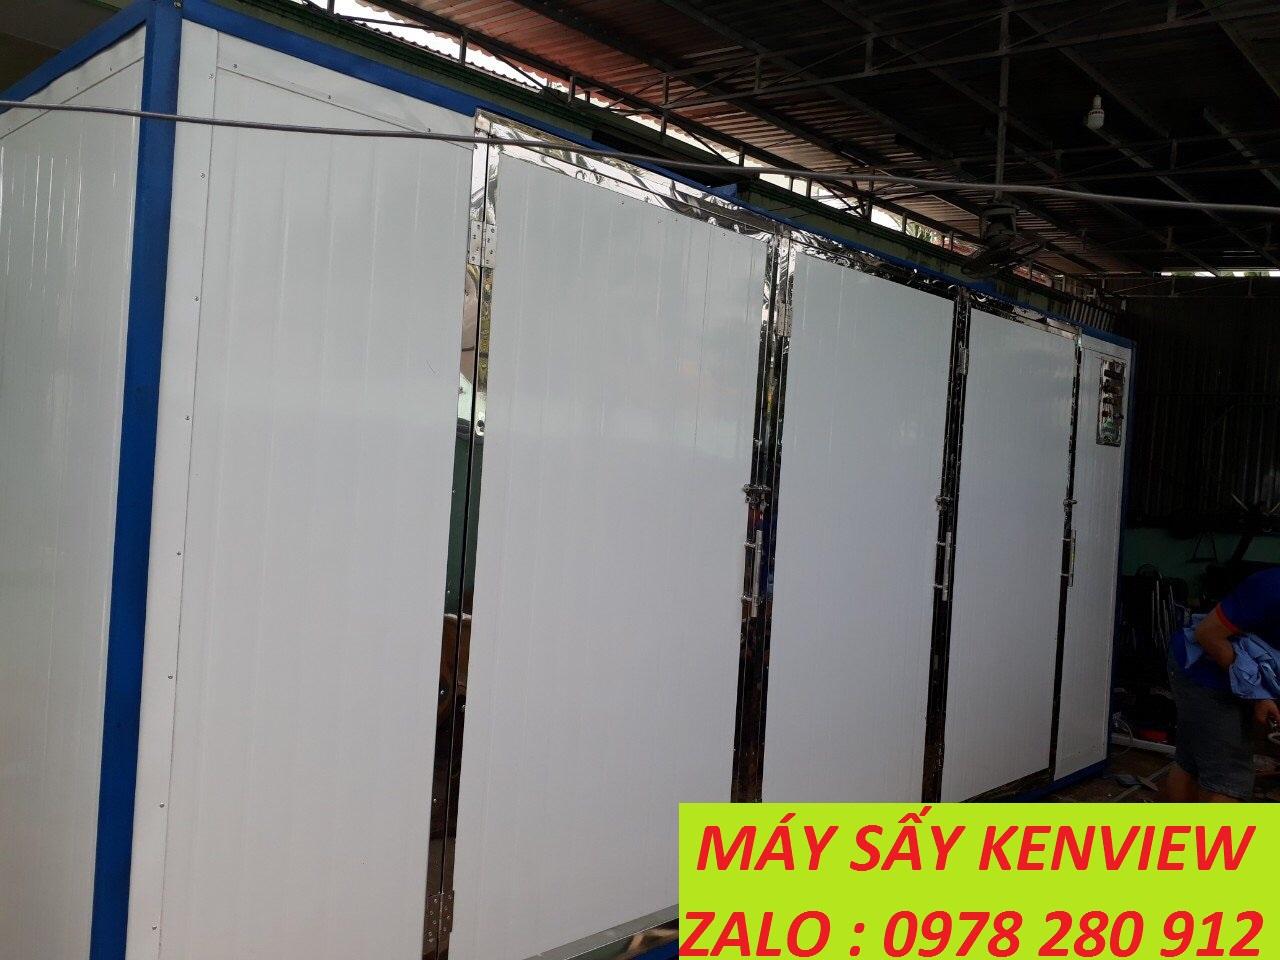 Máy sấy hải sản chuyên nghiệp Kenview, máy sấy cá khô, tôm khô.0978280912